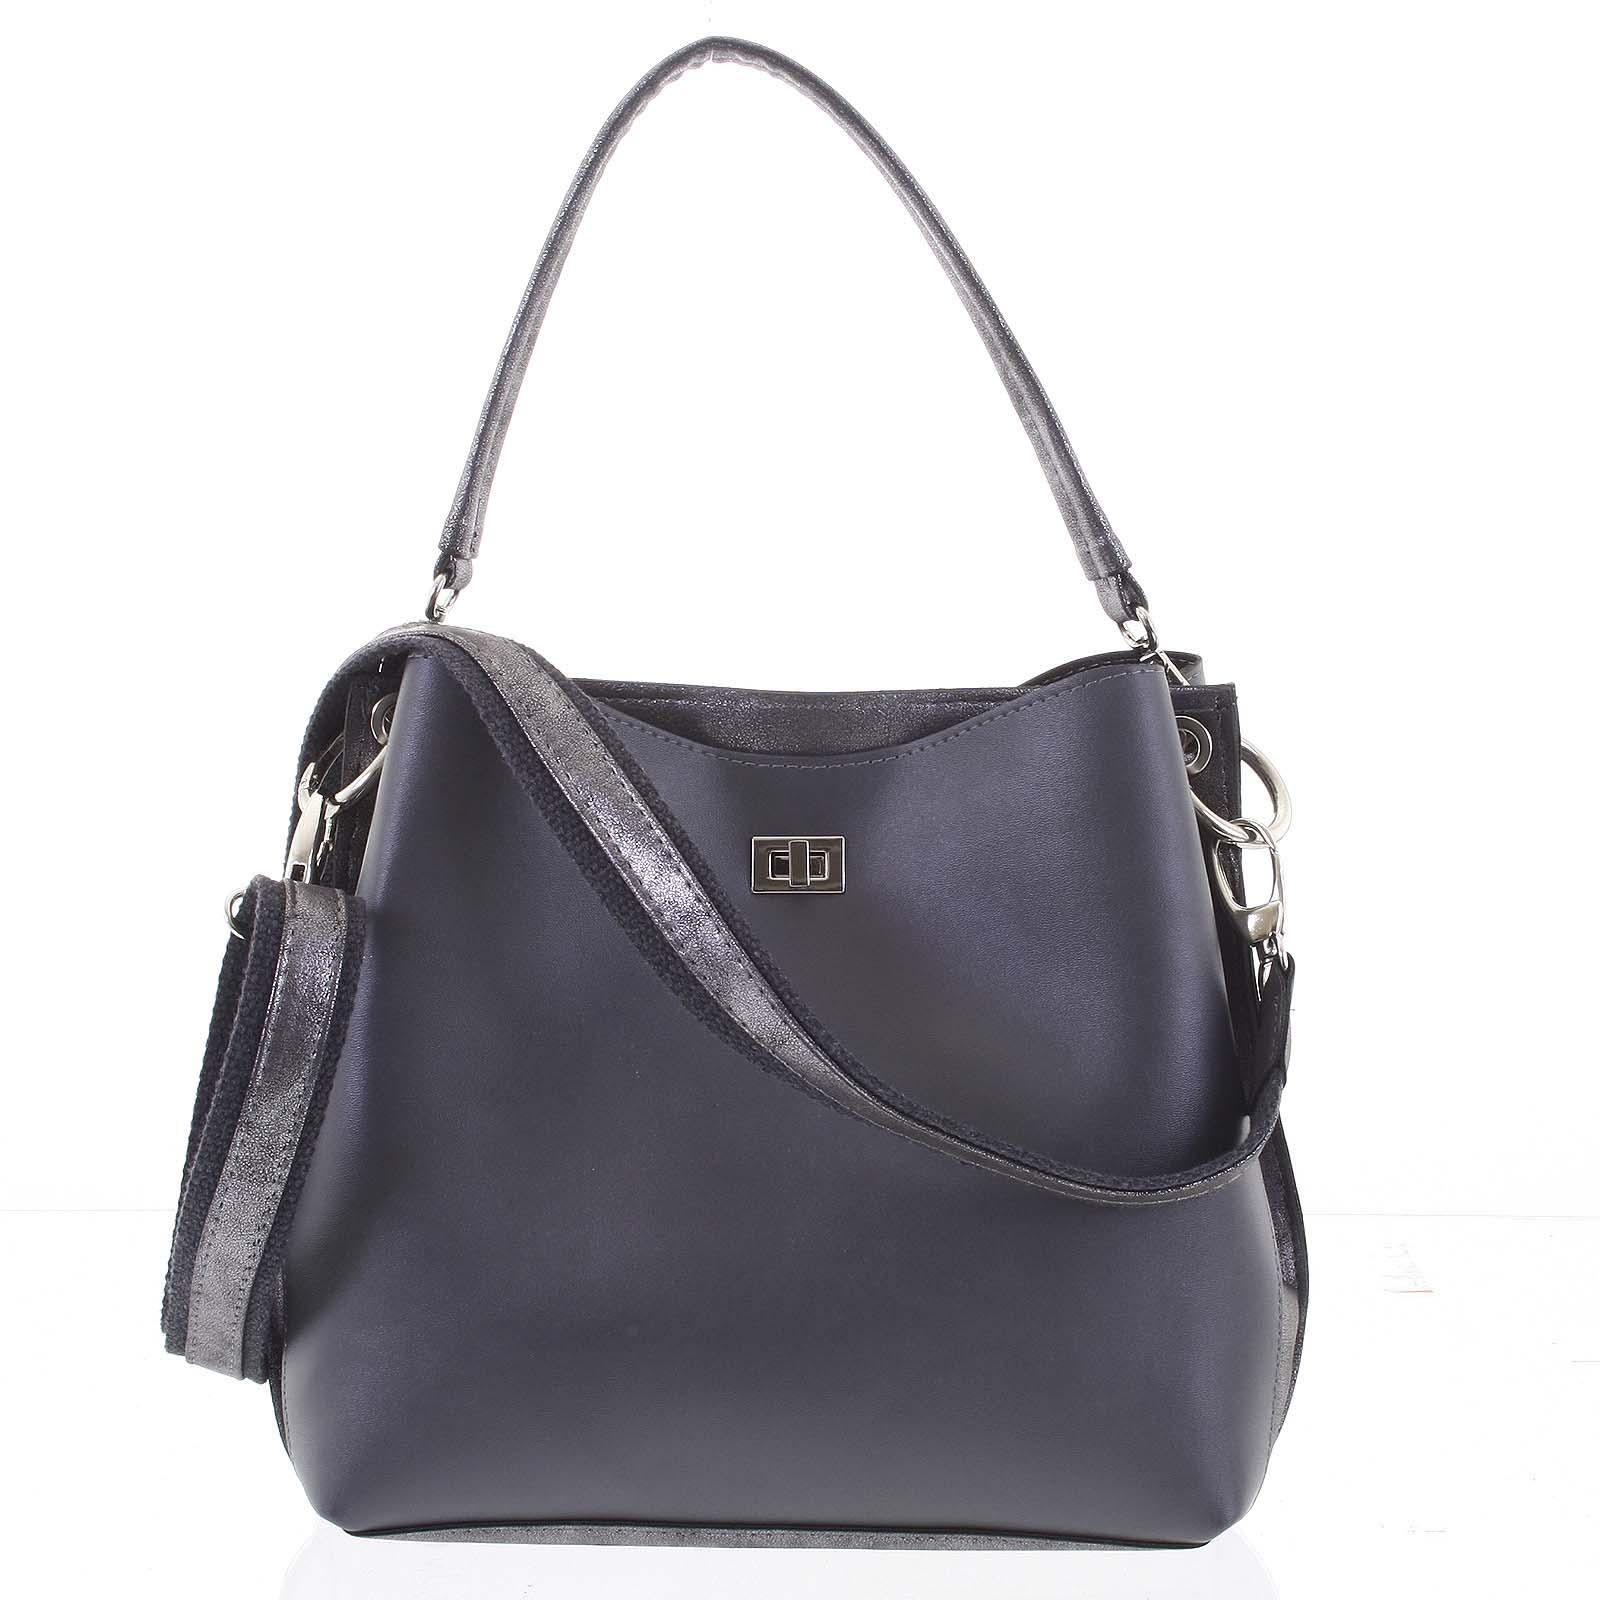 Moderní dámská kabelka šedá - Delami Trecia